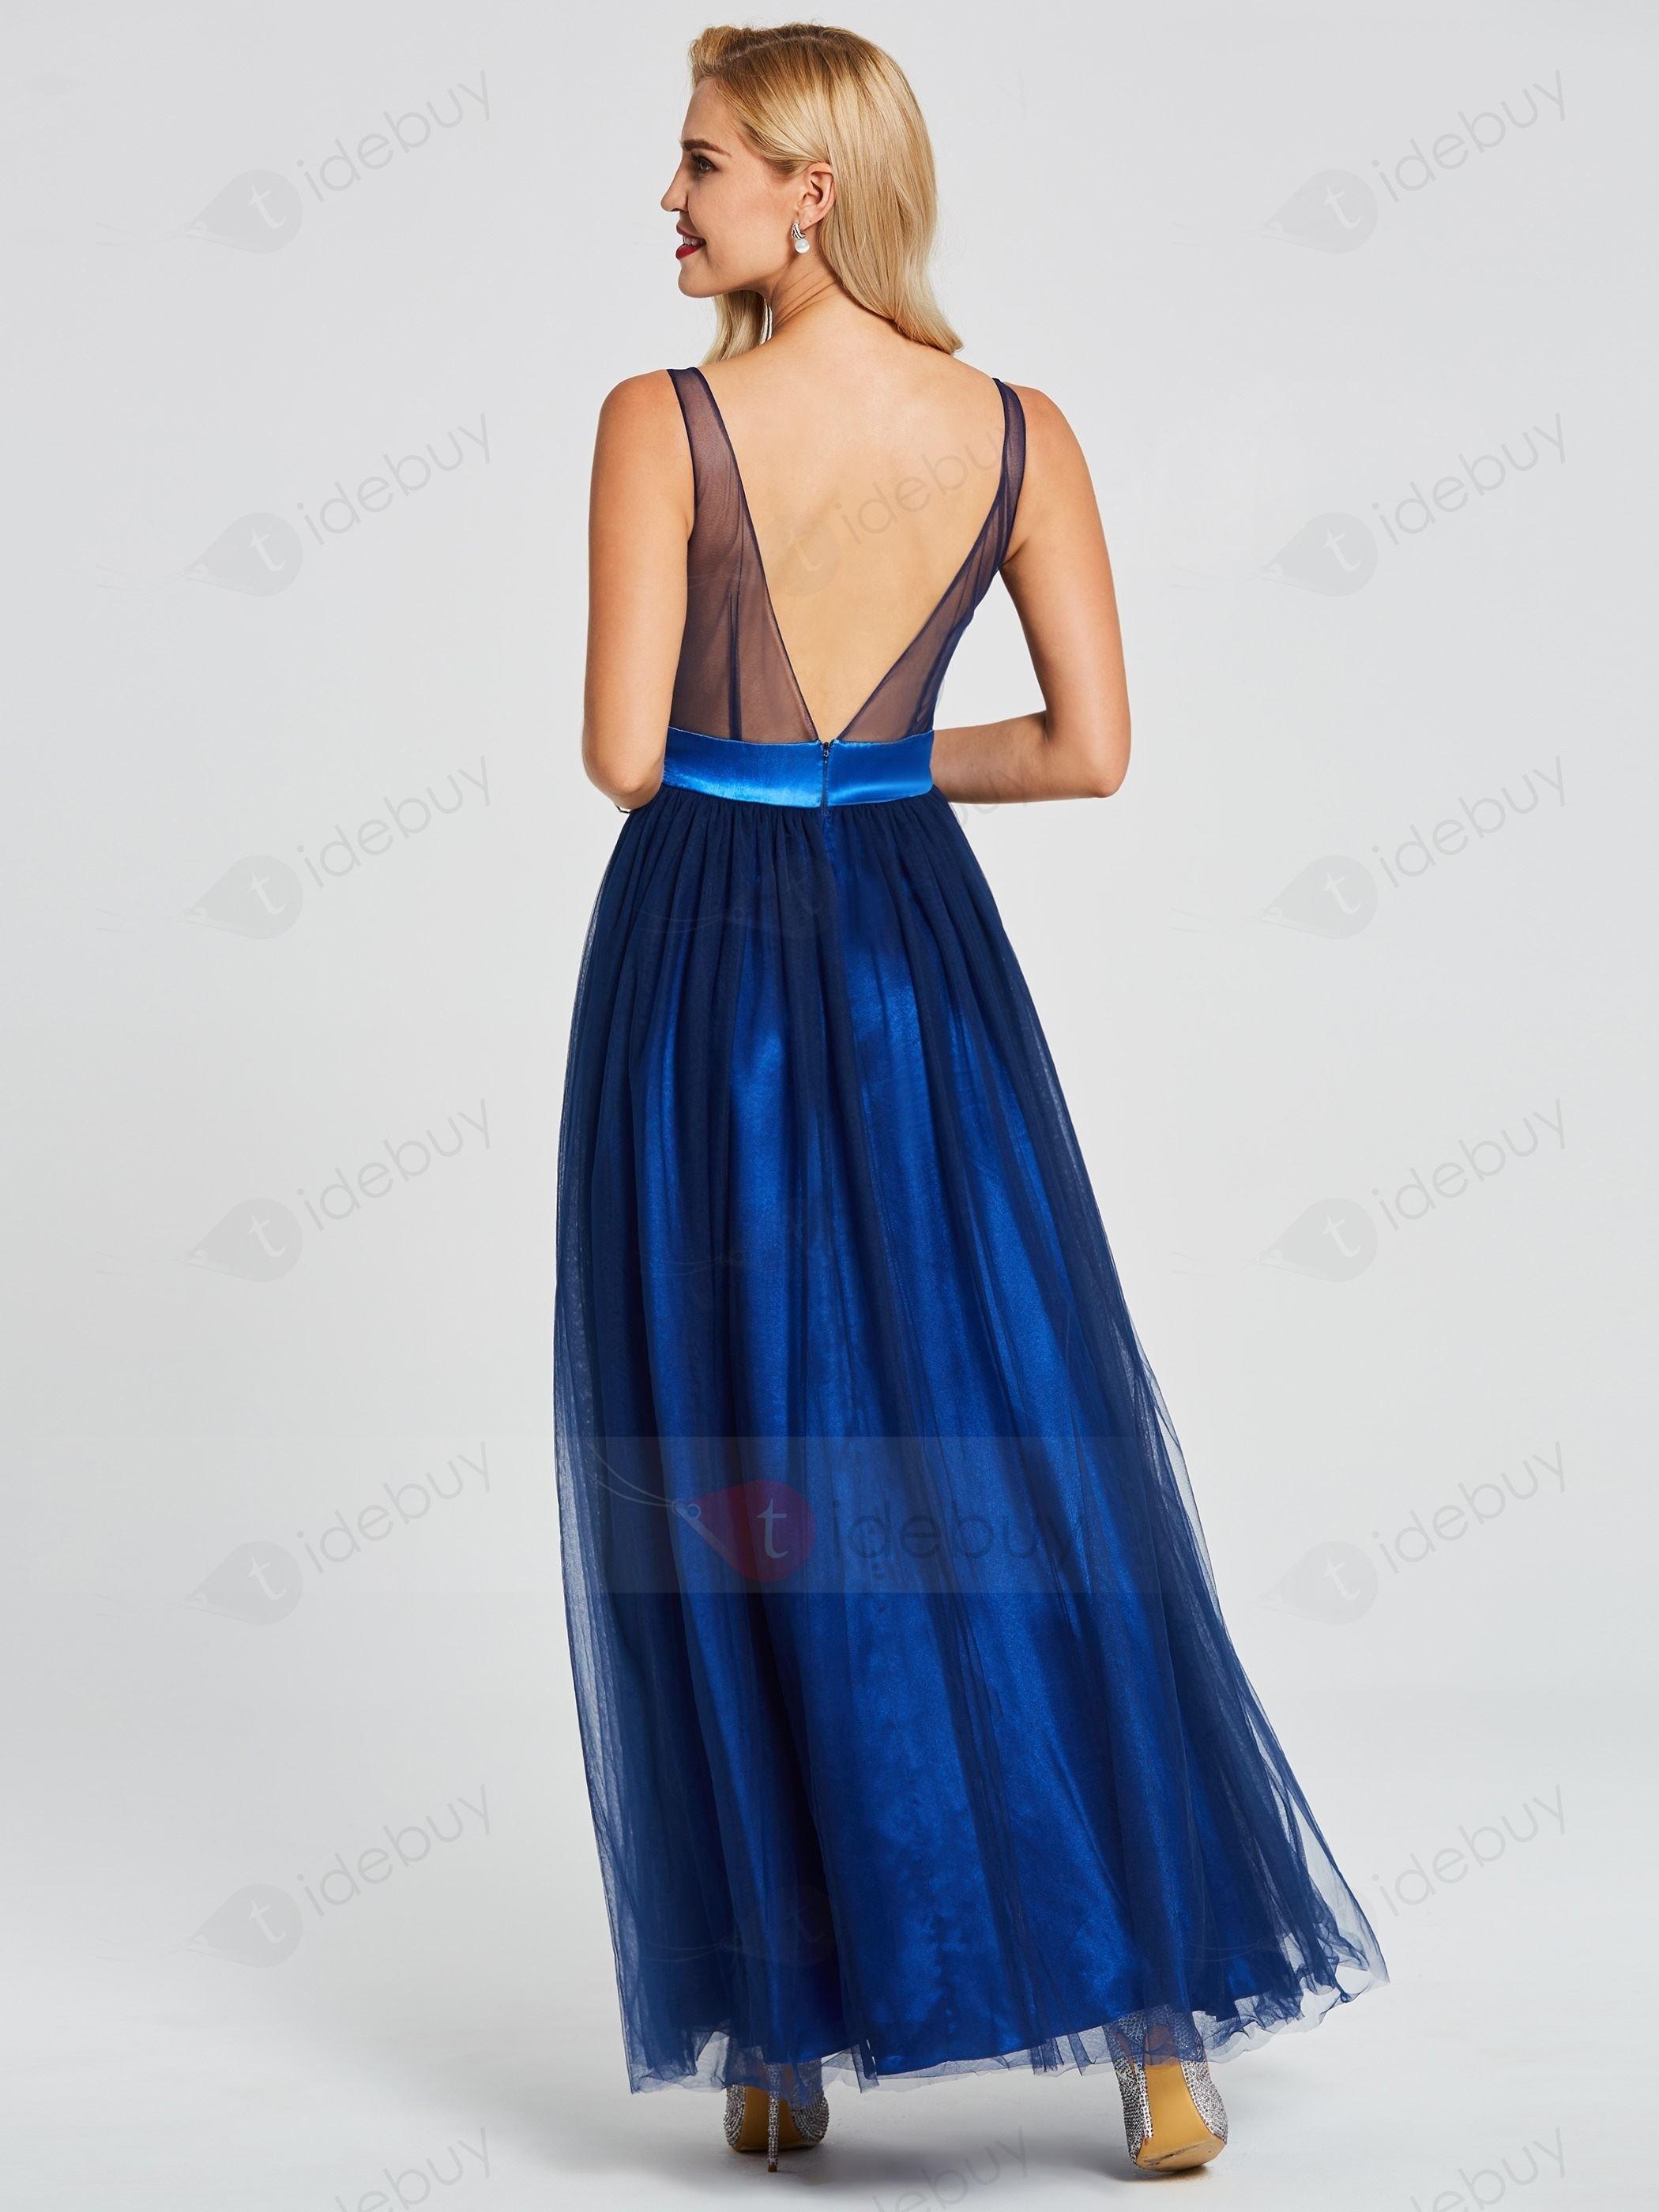 15 Cool Rückenfreie Abendkleider für 2019Formal Elegant Rückenfreie Abendkleider Bester Preis